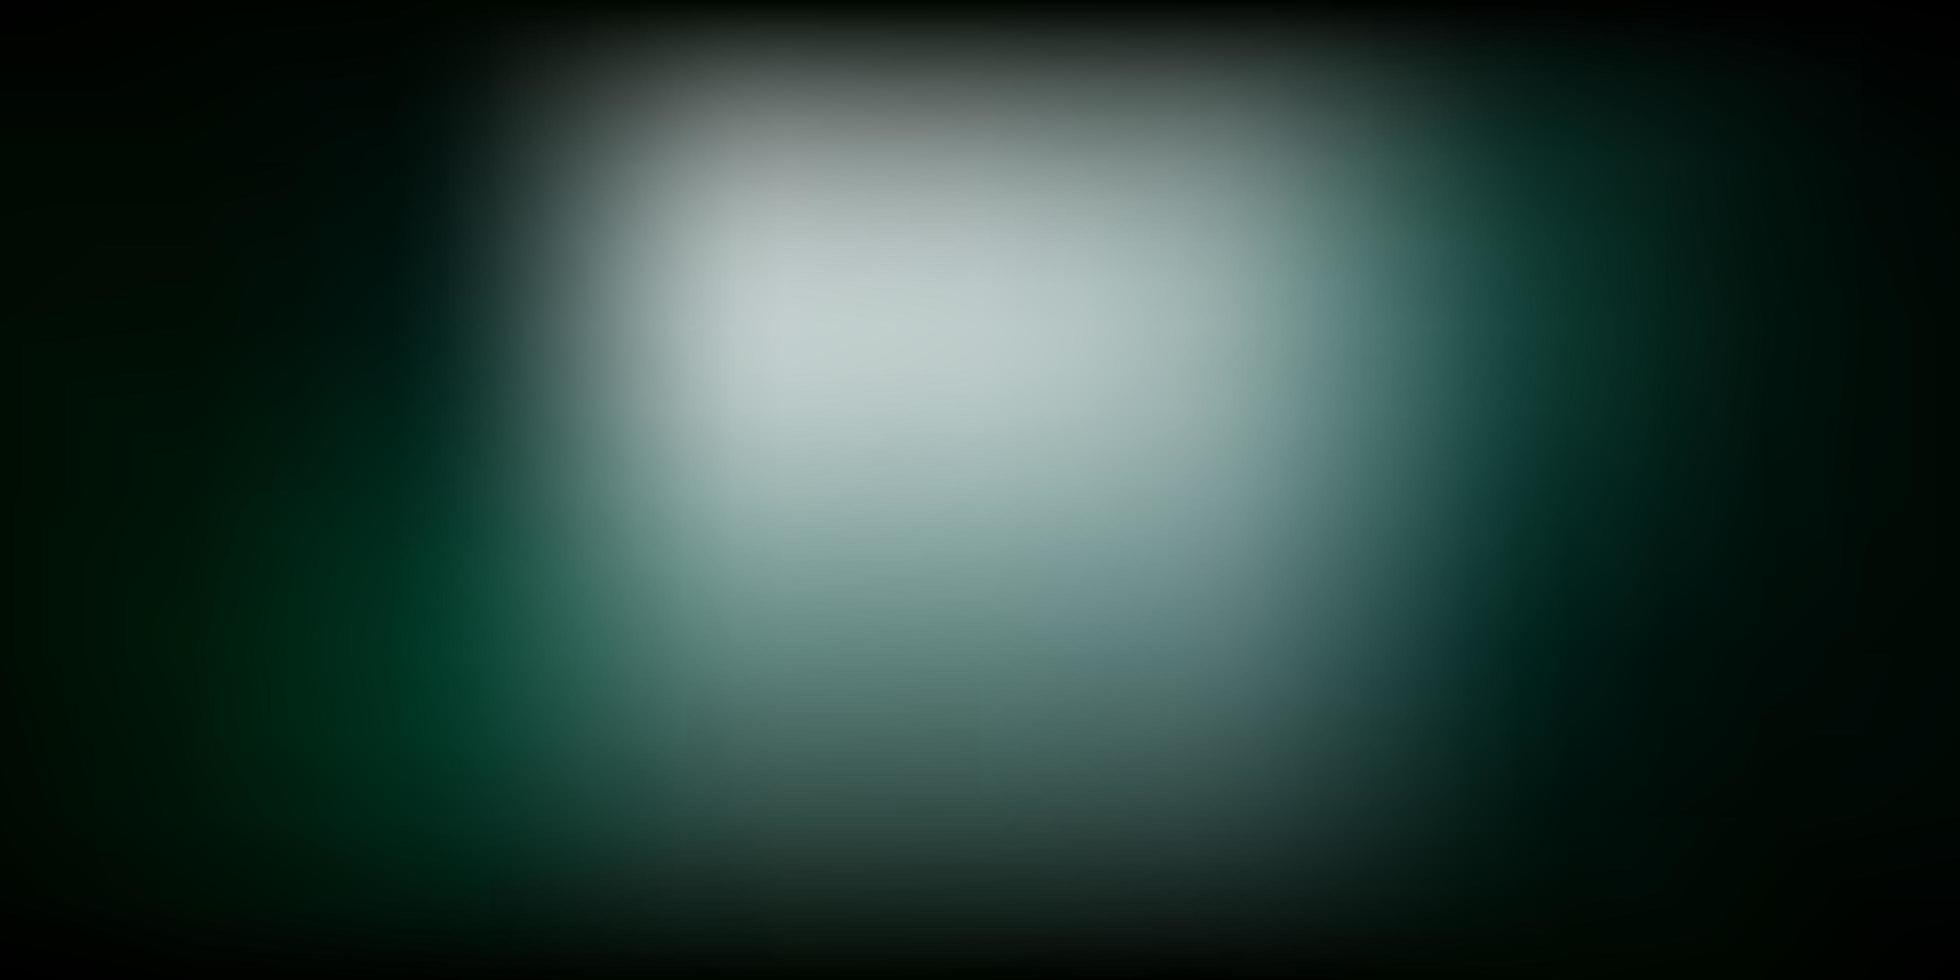 vetor verde escuro fundo desfocado.